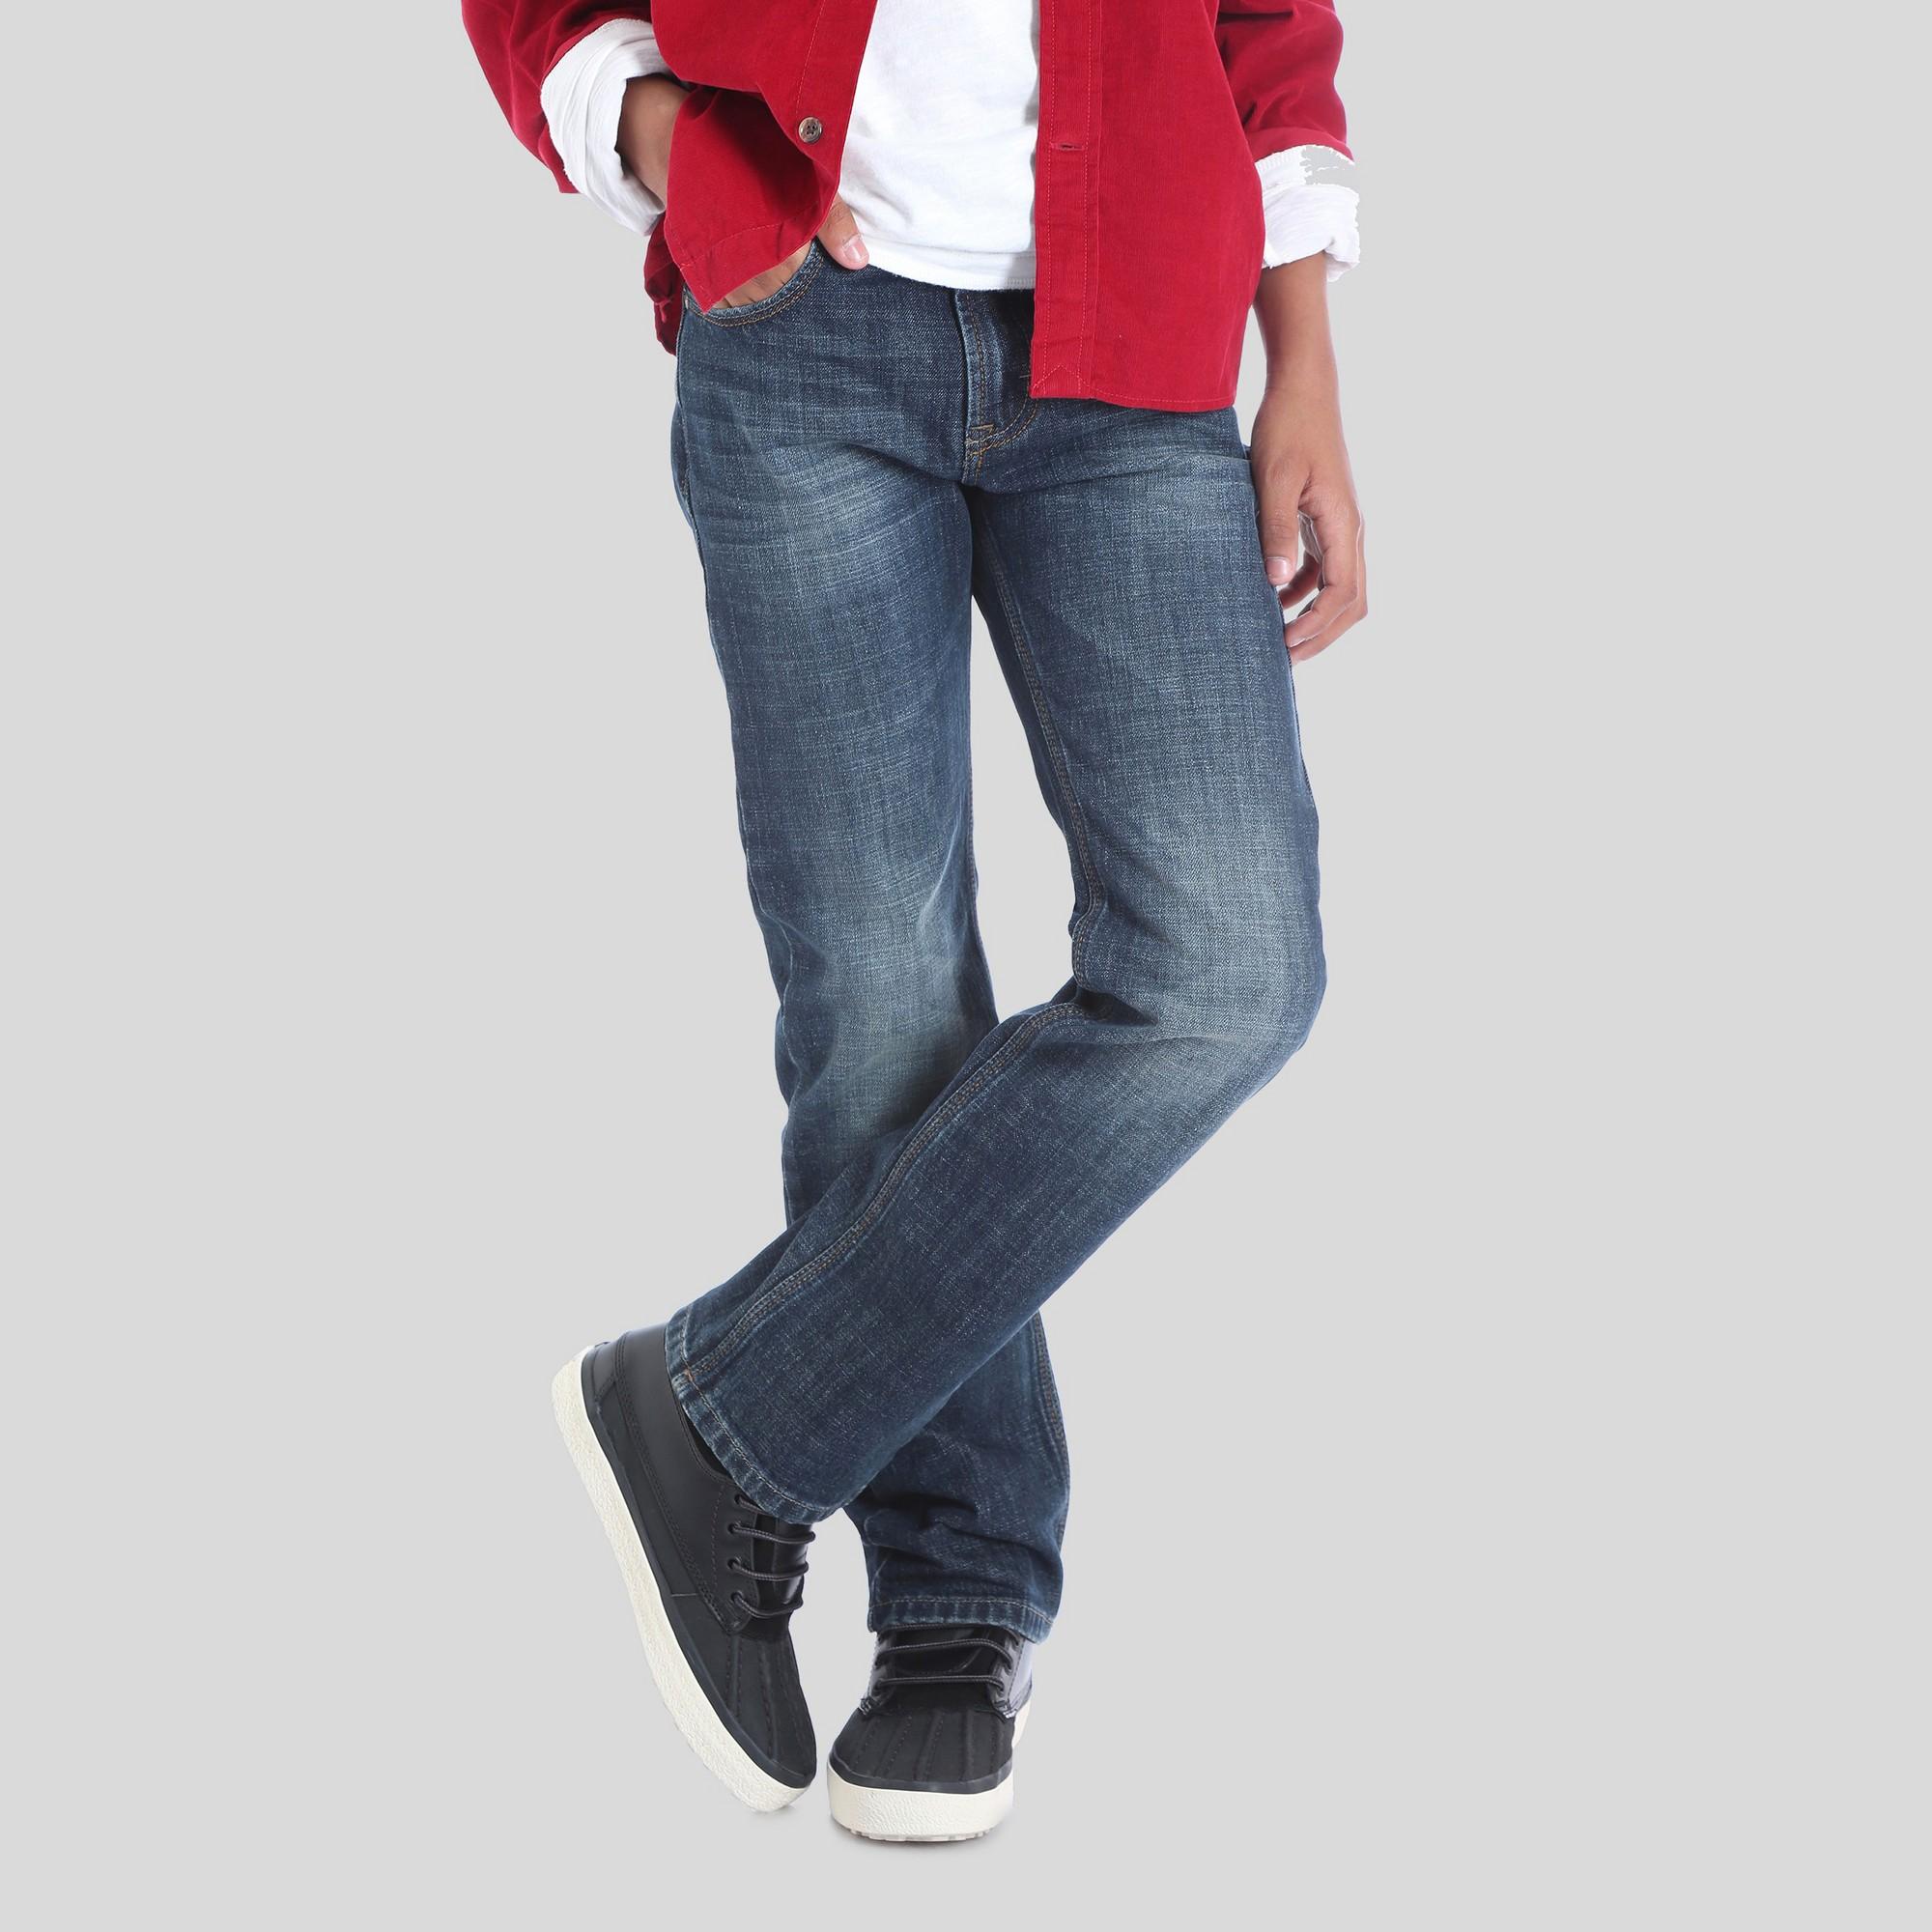 2a12da2ba Wrangler Boys' 5pkt Dusky Straight Fit Jeans - Dark Blue 14 ...